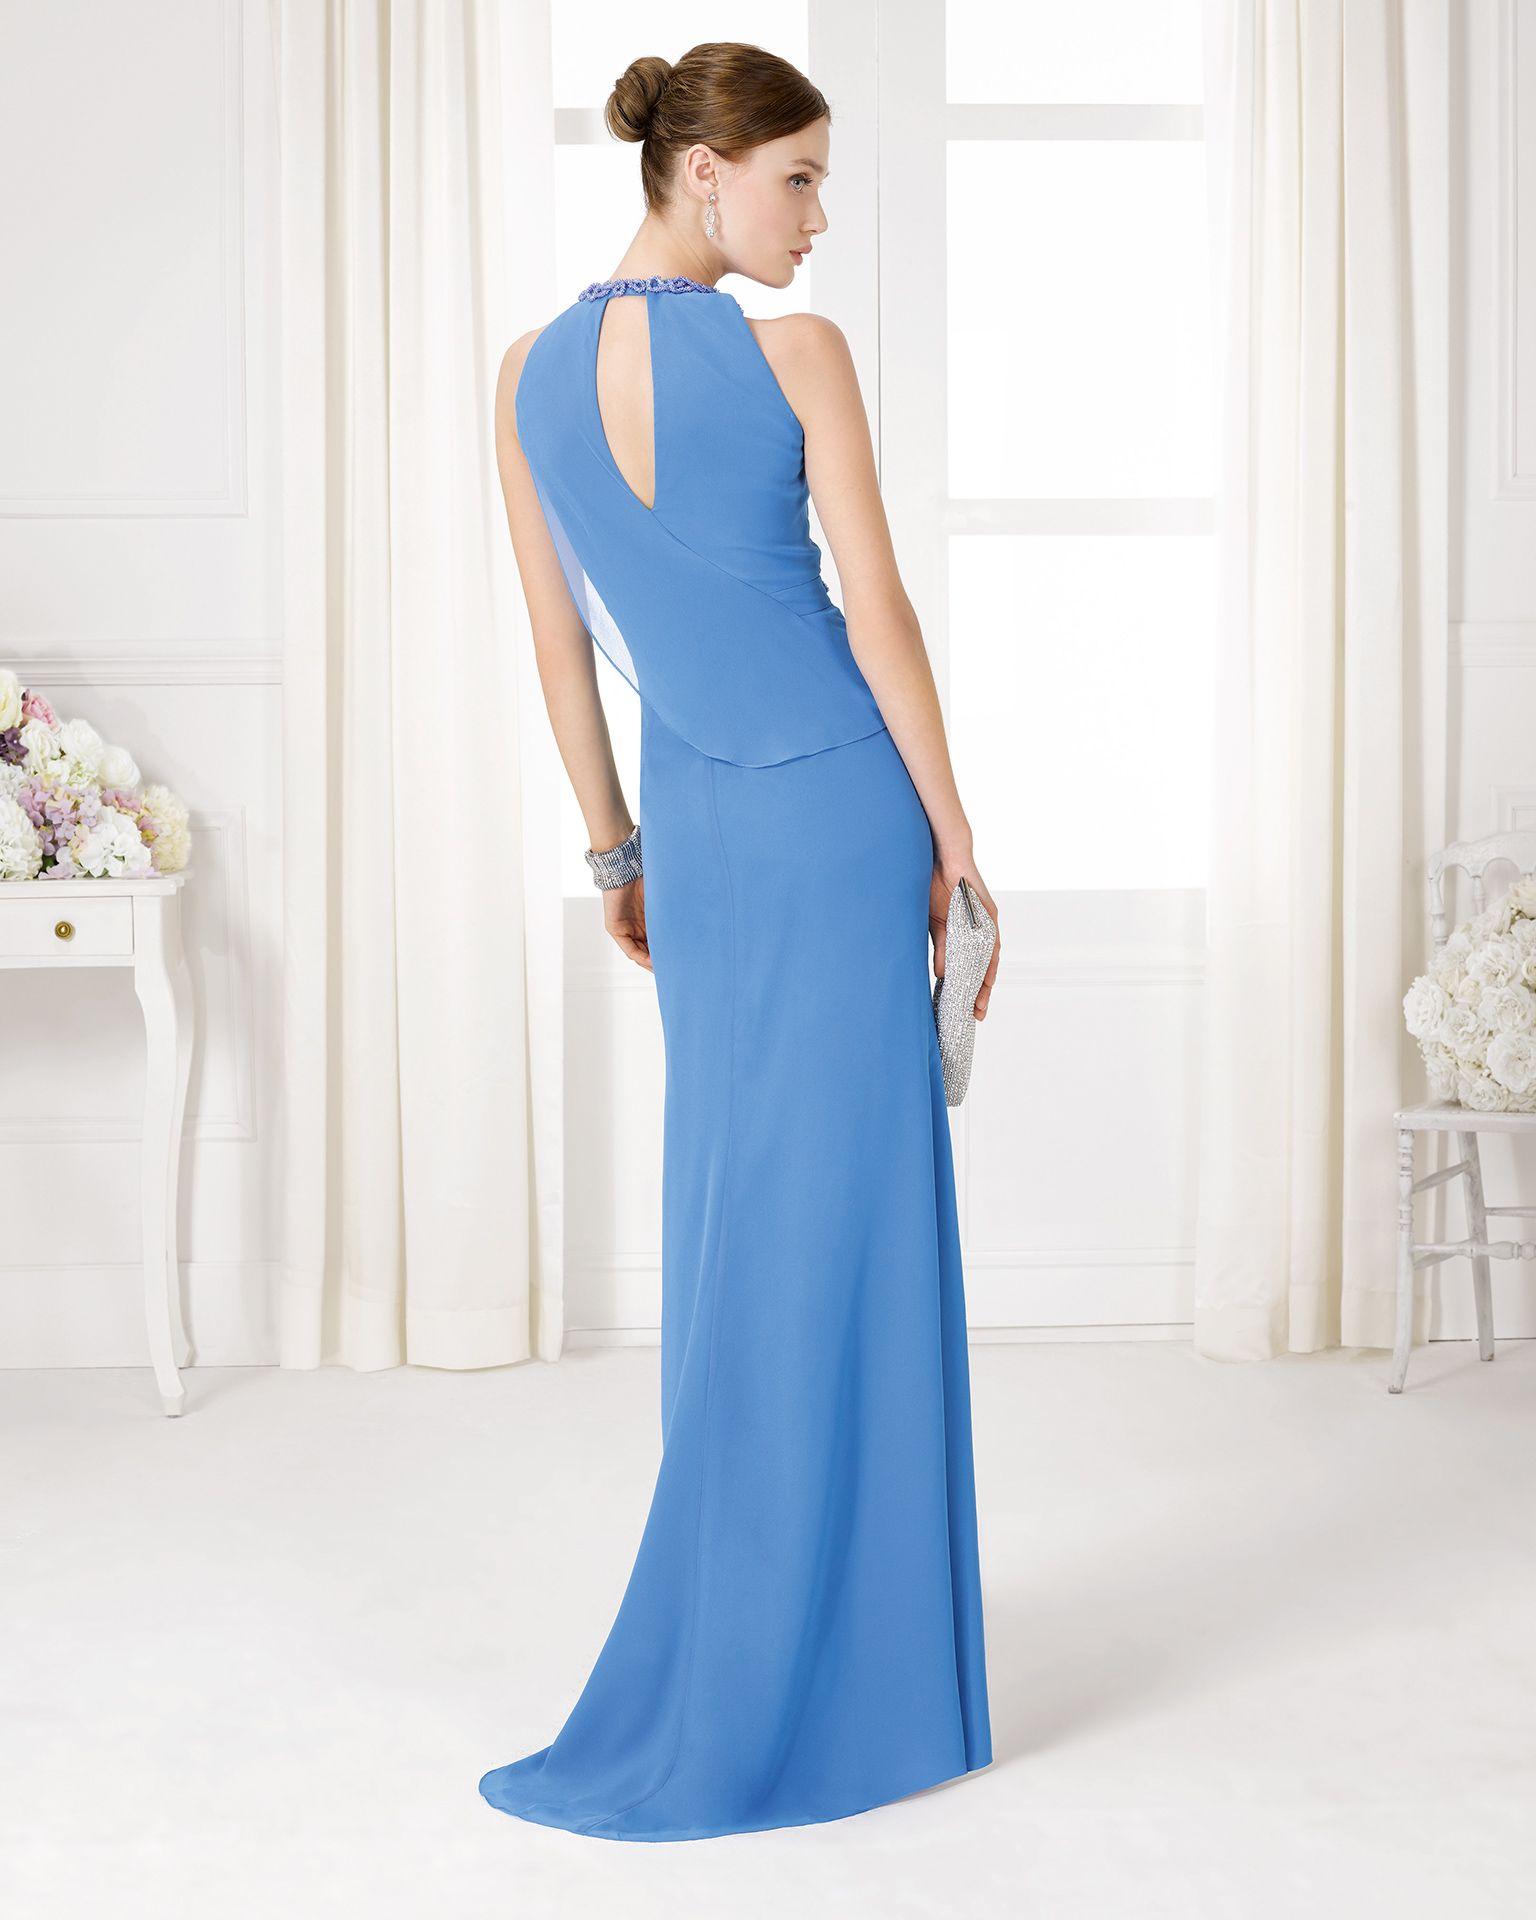 9U200 vestido y chal de fiesta en gasa y pedreria largo. | vestidos ...